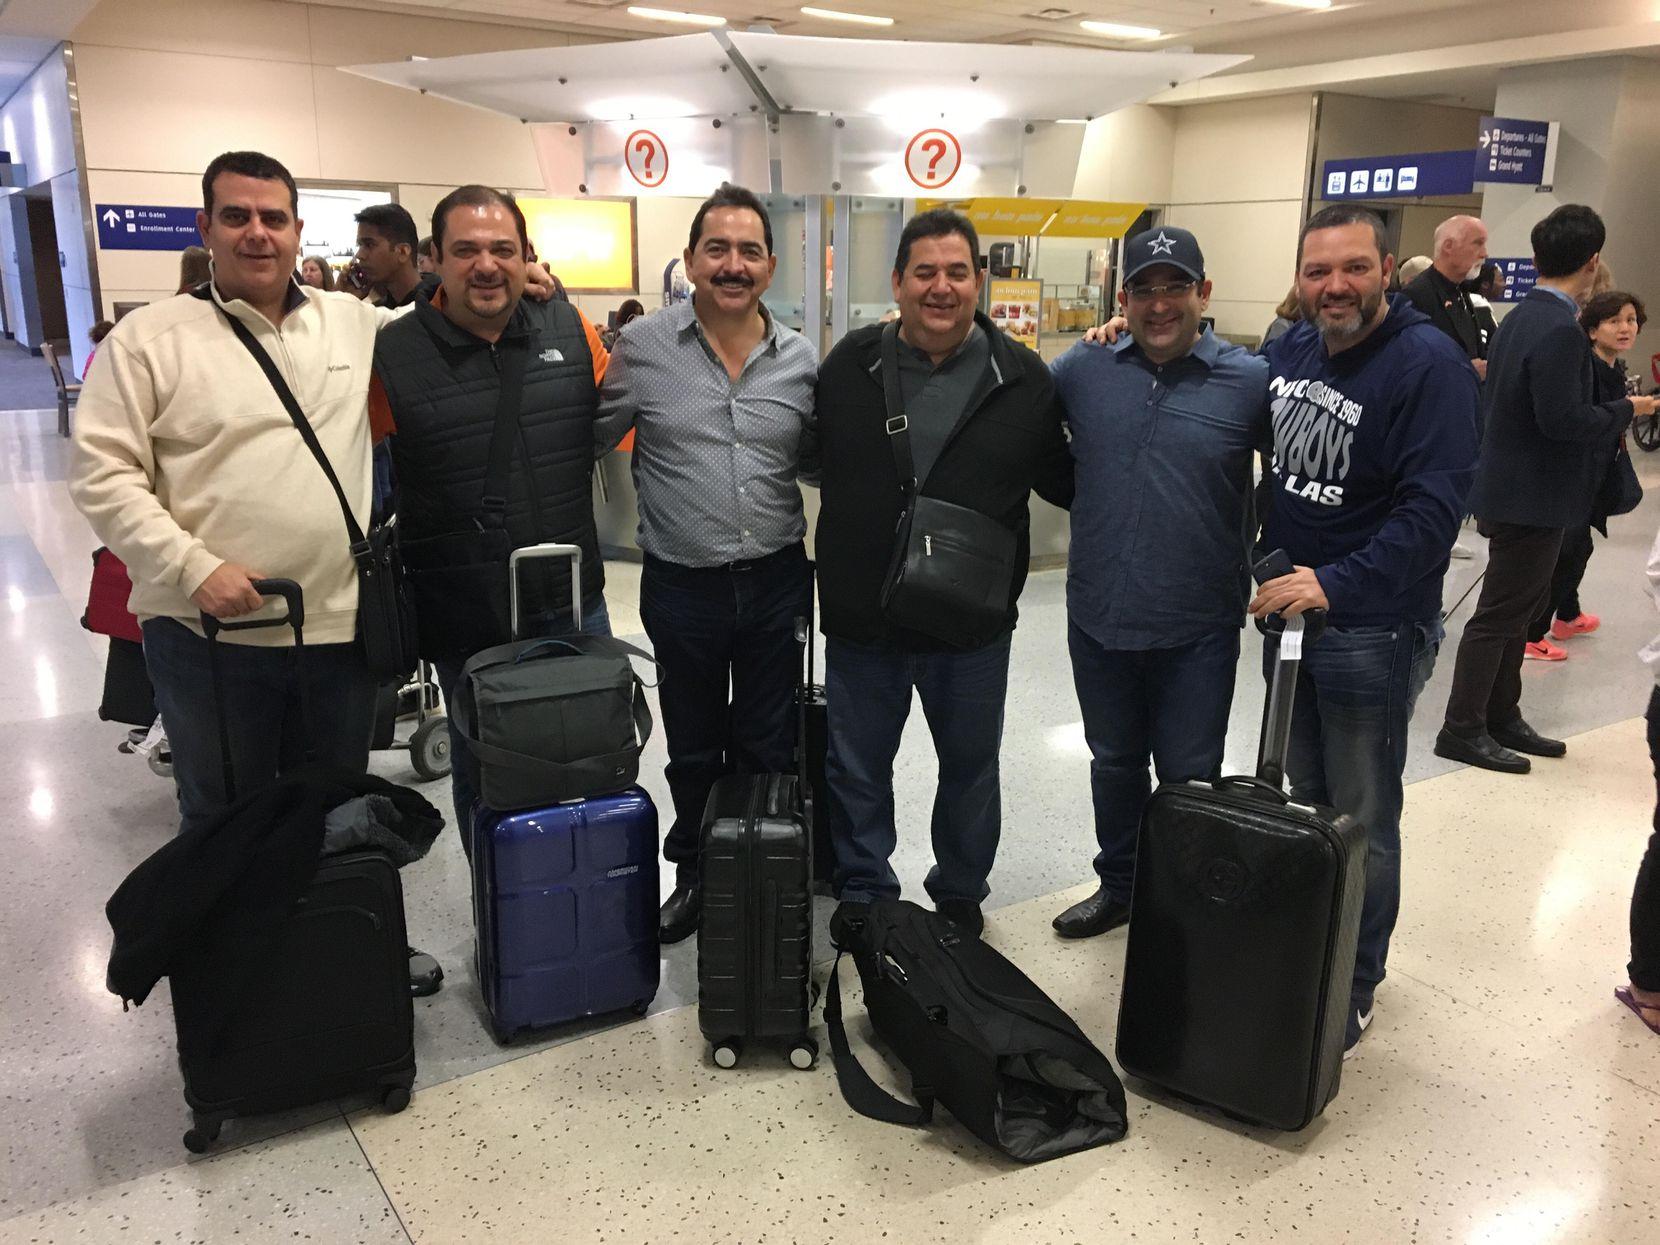 Algunos fans de los Cowboys en el aeropuerto D-FW a su llegada desde México. Foto Javier Giribet/Especial para Al Día